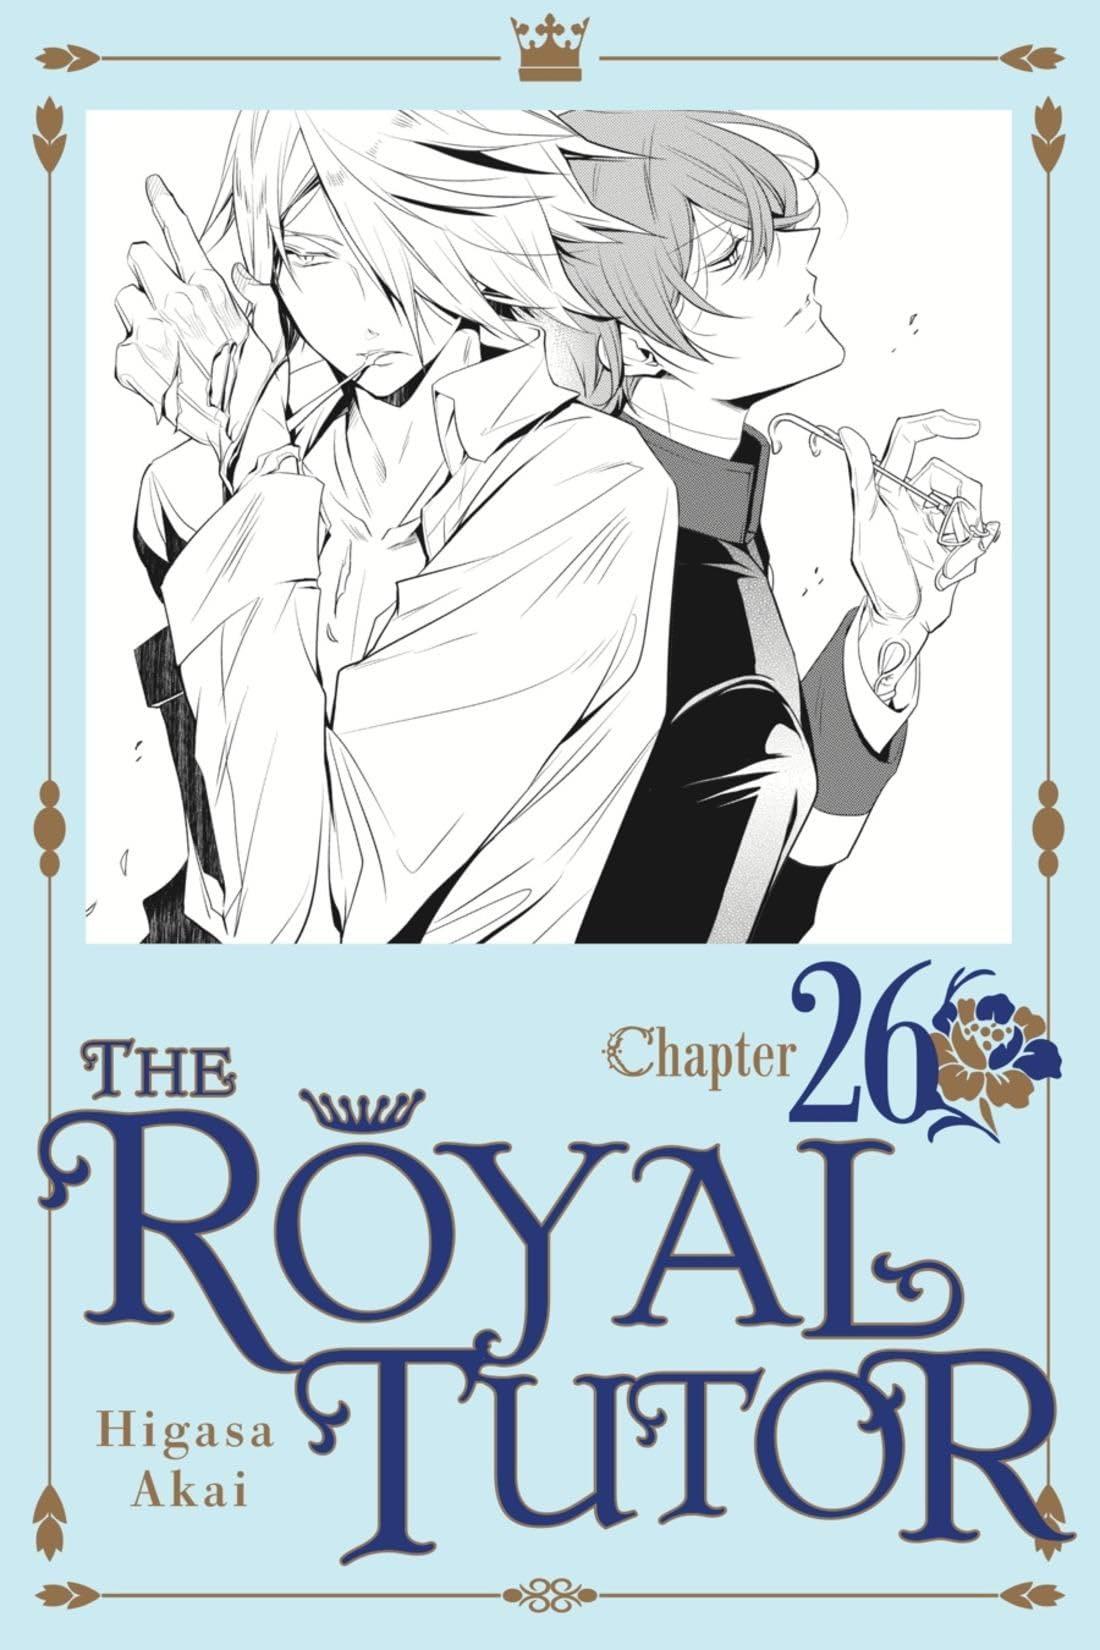 The Royal Tutor #26